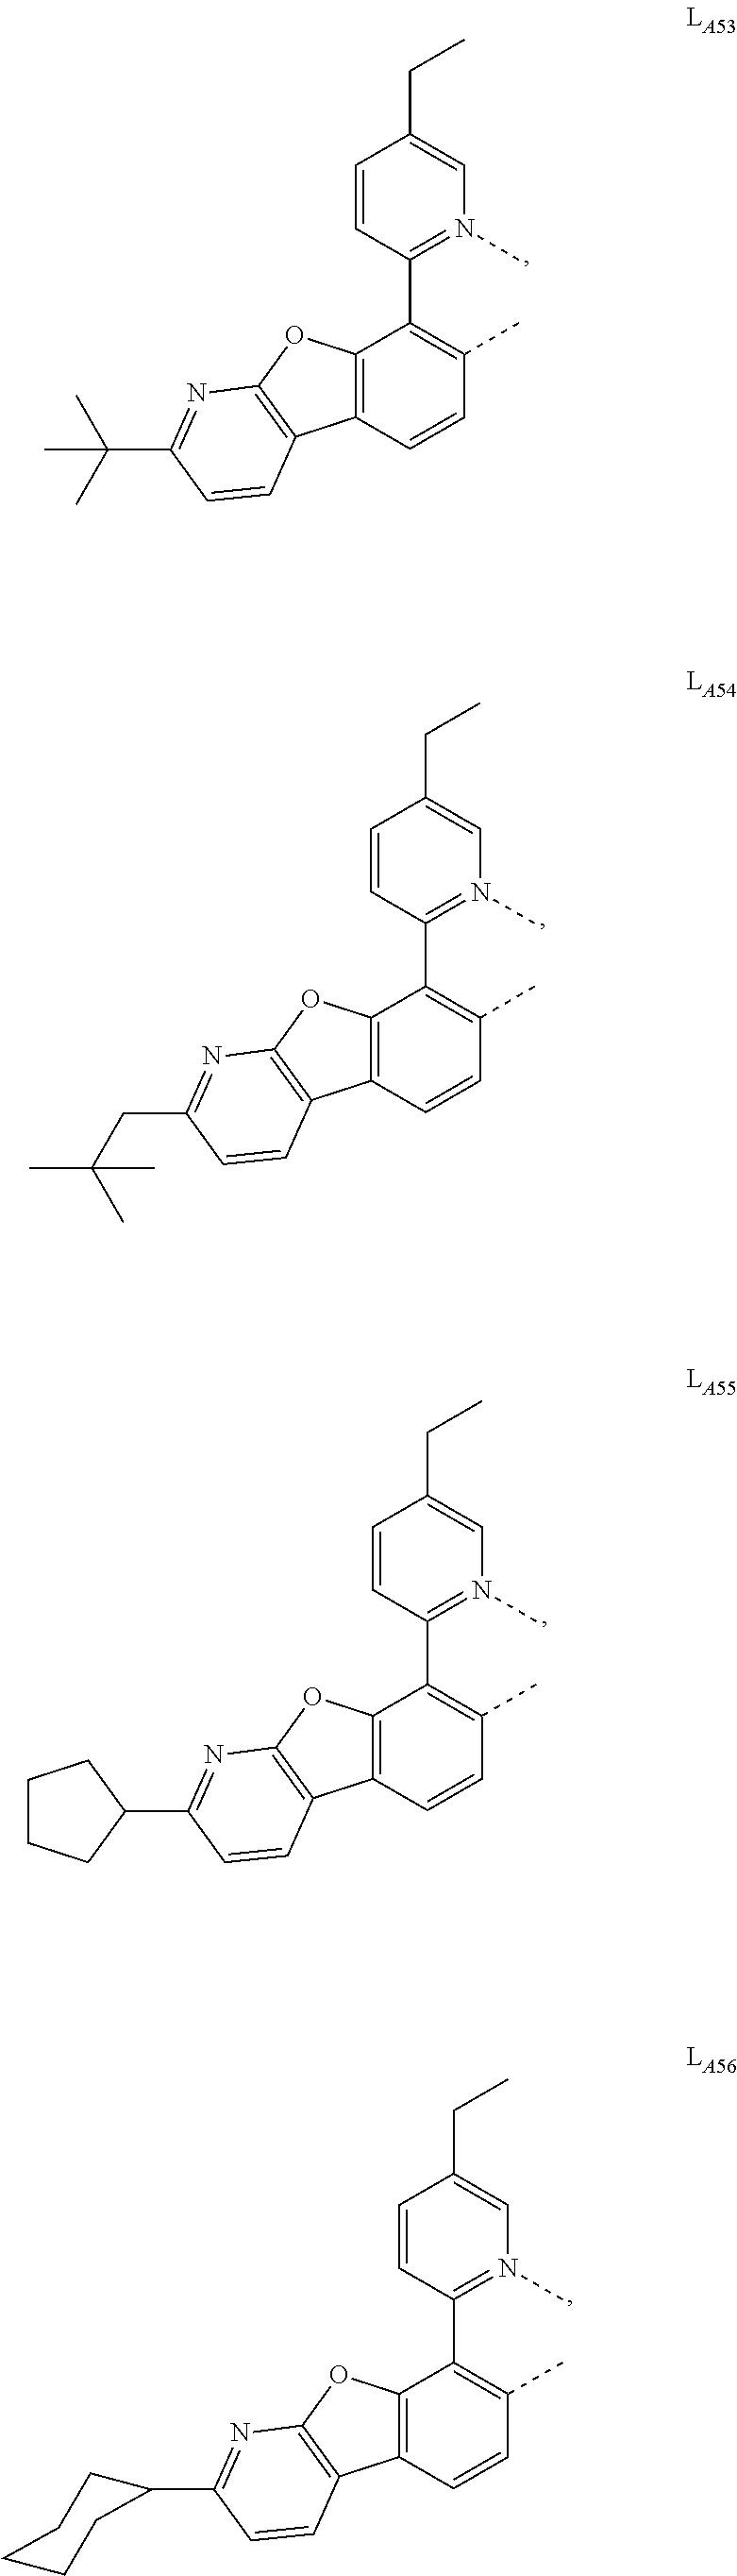 Figure US10043987-20180807-C00020